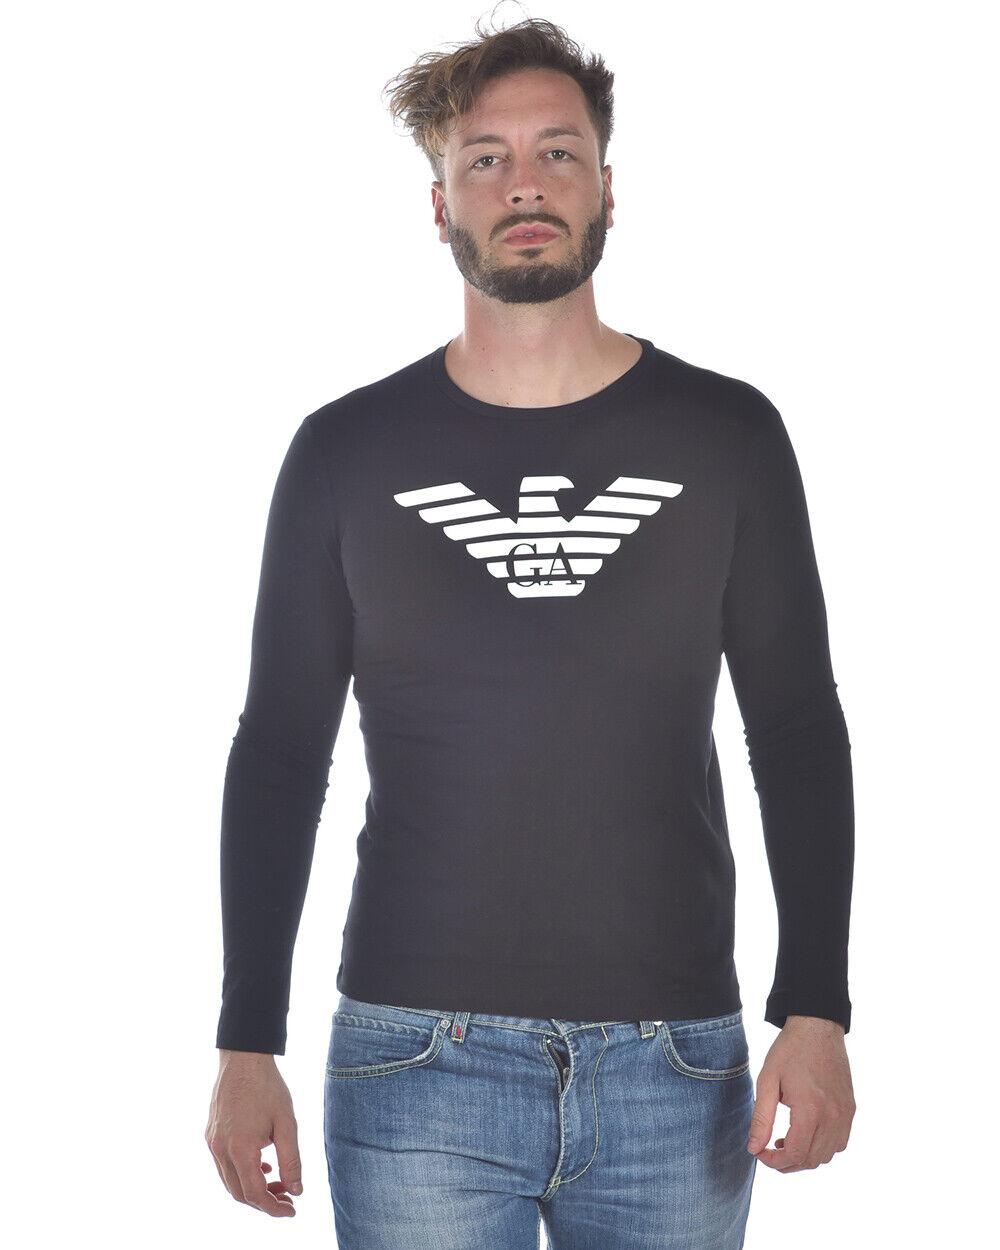 Emporio ARMANI Camiseta Sudadera Hombre Negro  8 n 1 T 641 jpzz 999 SZ. M poner Oferta  solo cómpralo